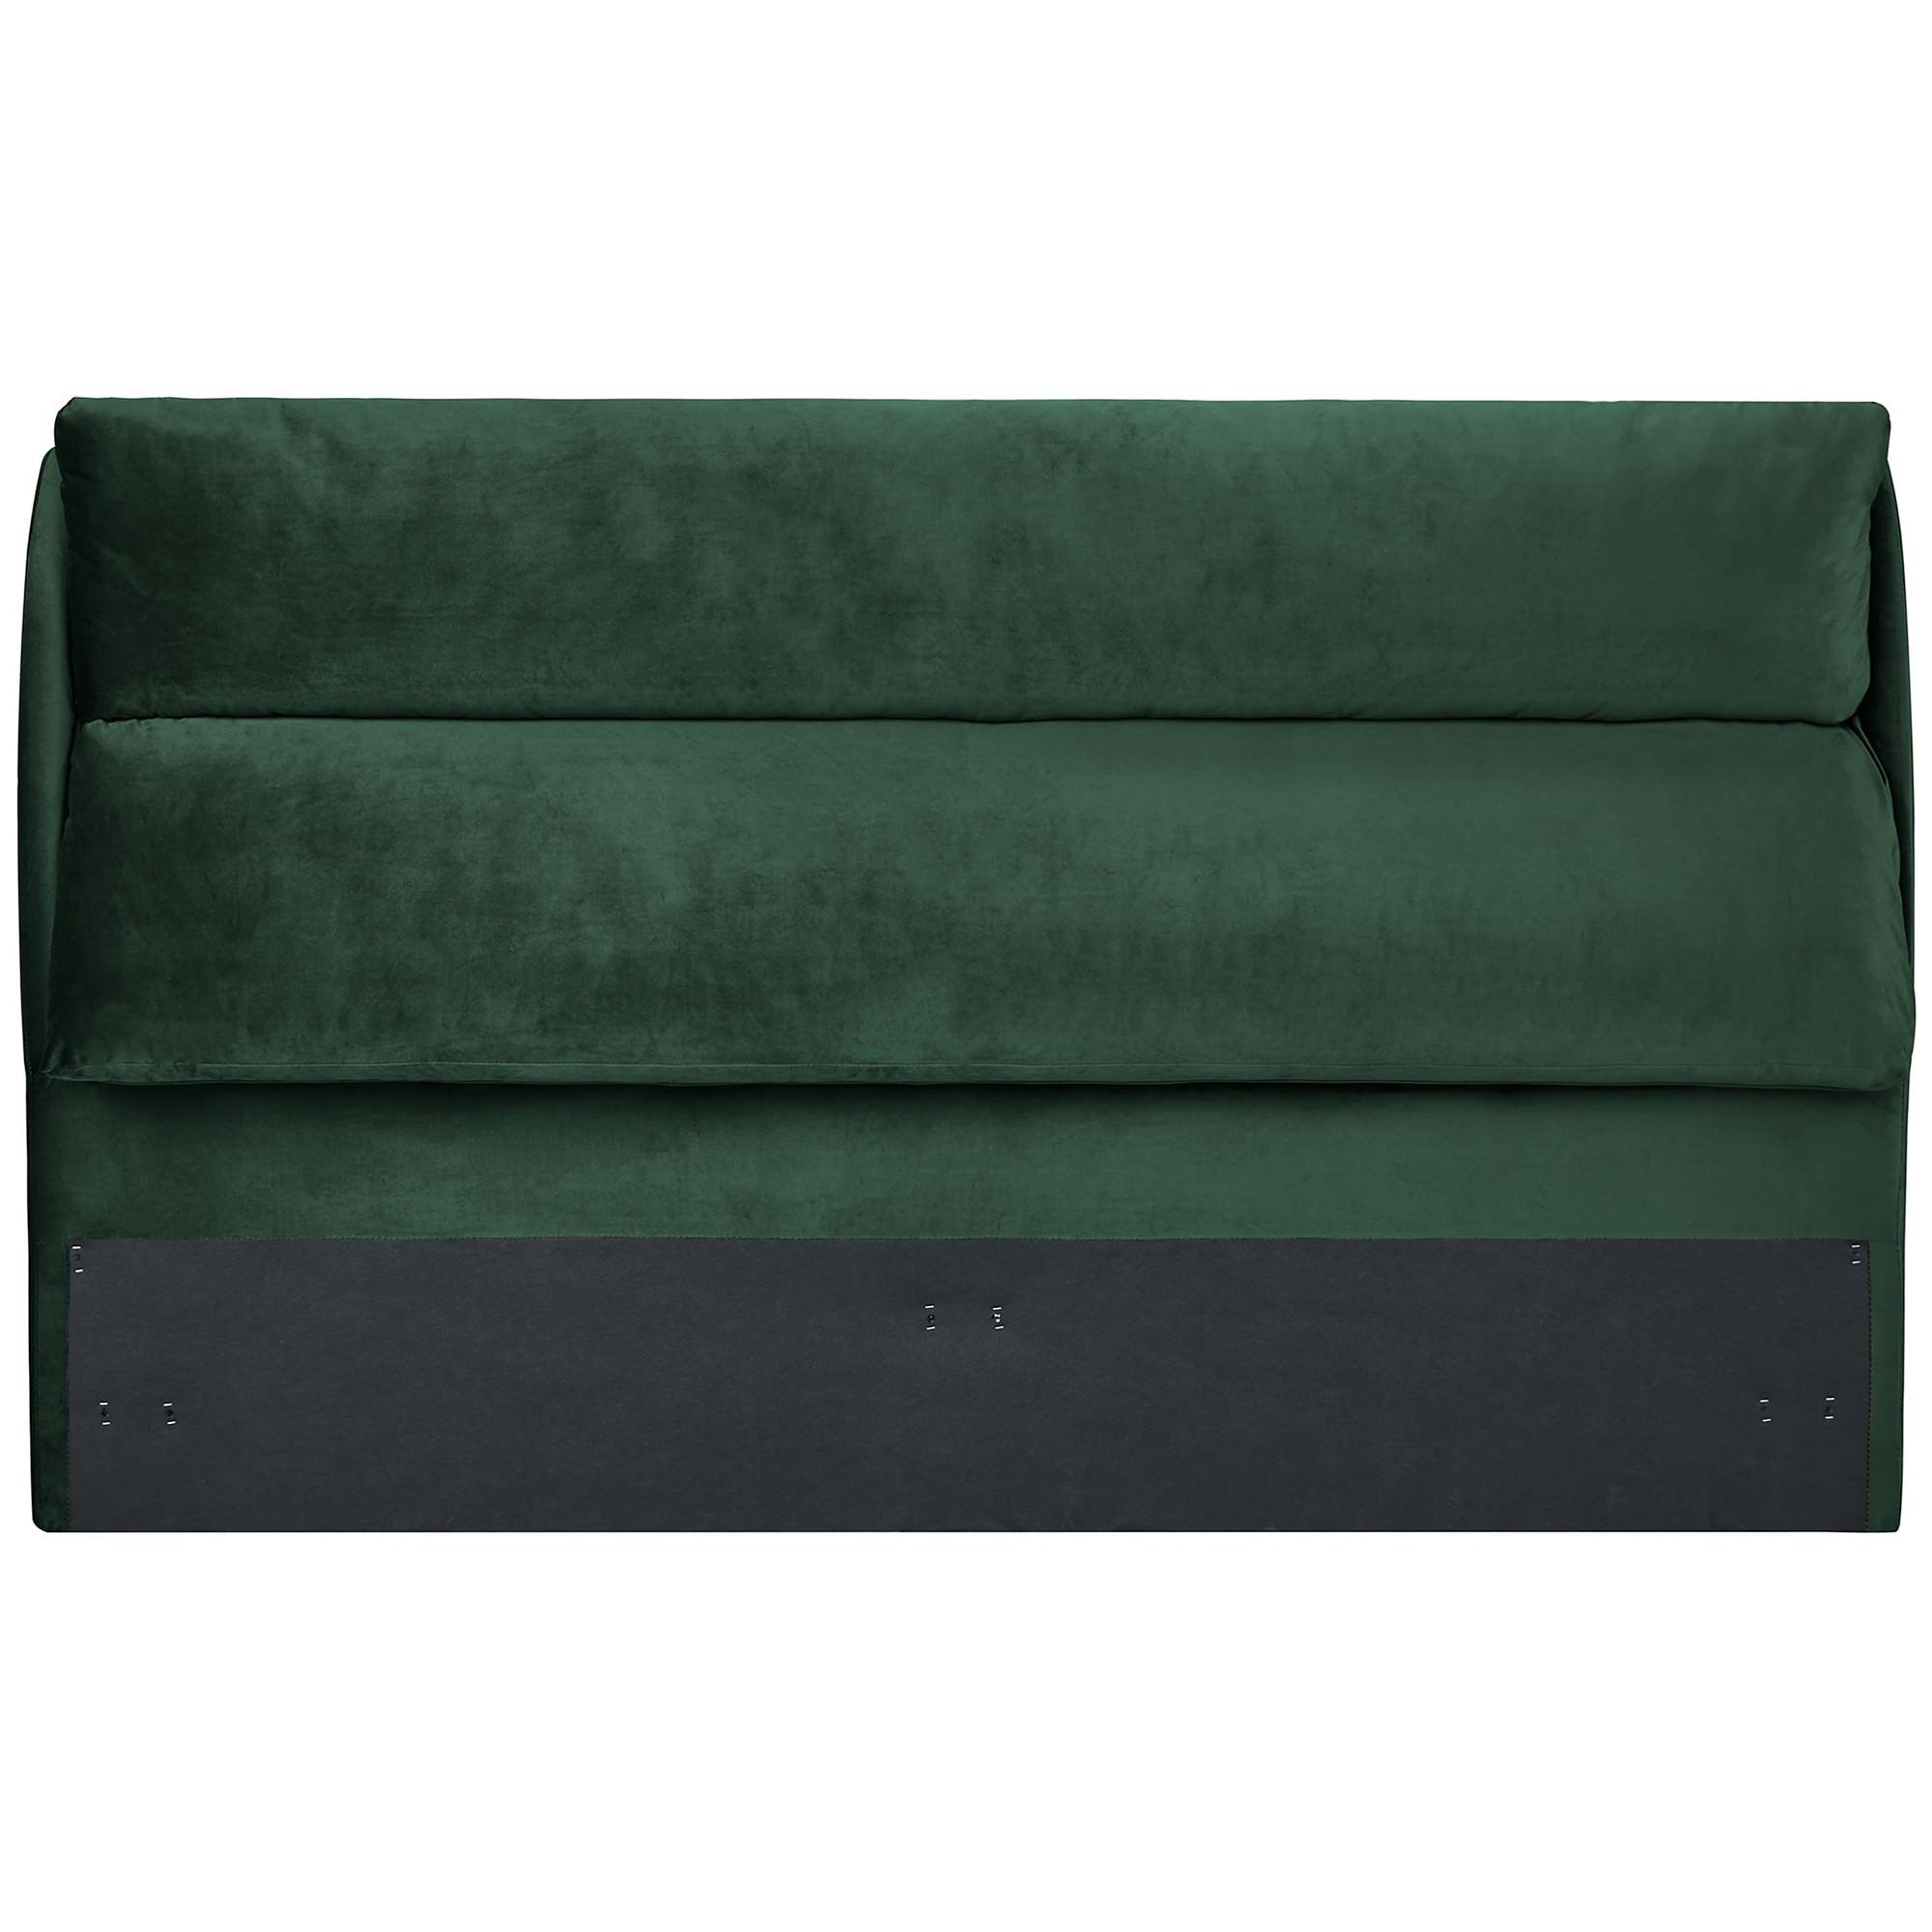 Velvet Fabric Bed Headboard, Queen